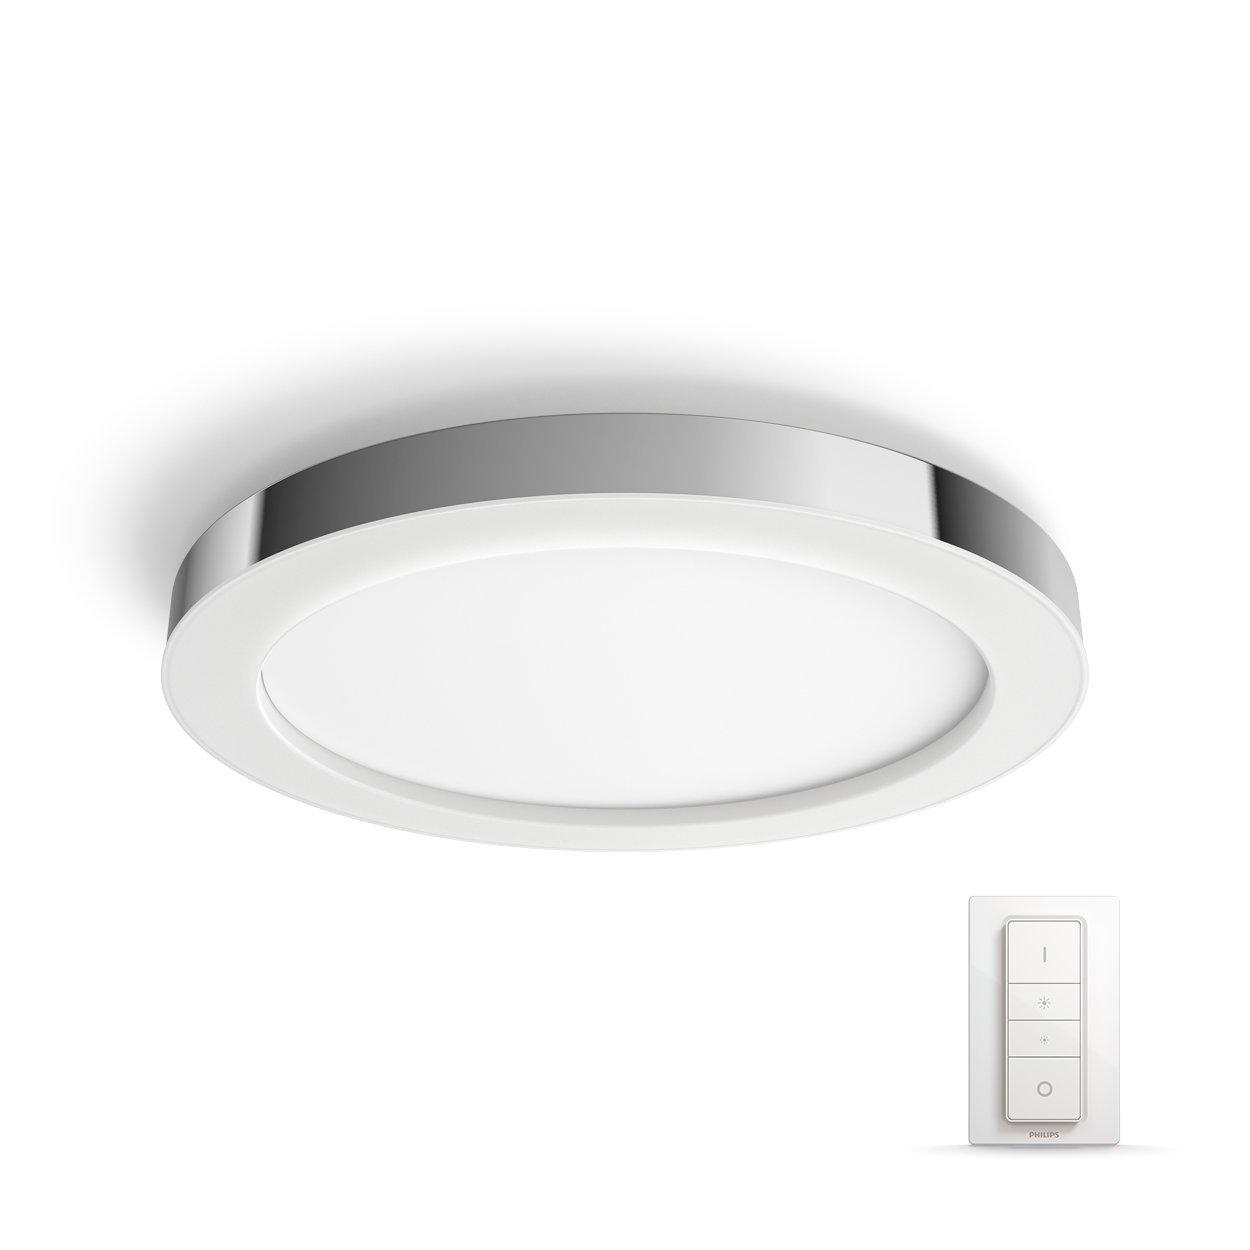 Philips Hue Adore LED Deckenleuchte, inkl. Dimmschalter, dimmbar, alle Weißschattierungen, steuerbar via App, kompatibel mit Amazon Alexa (Echo, Echo Dot), weiß